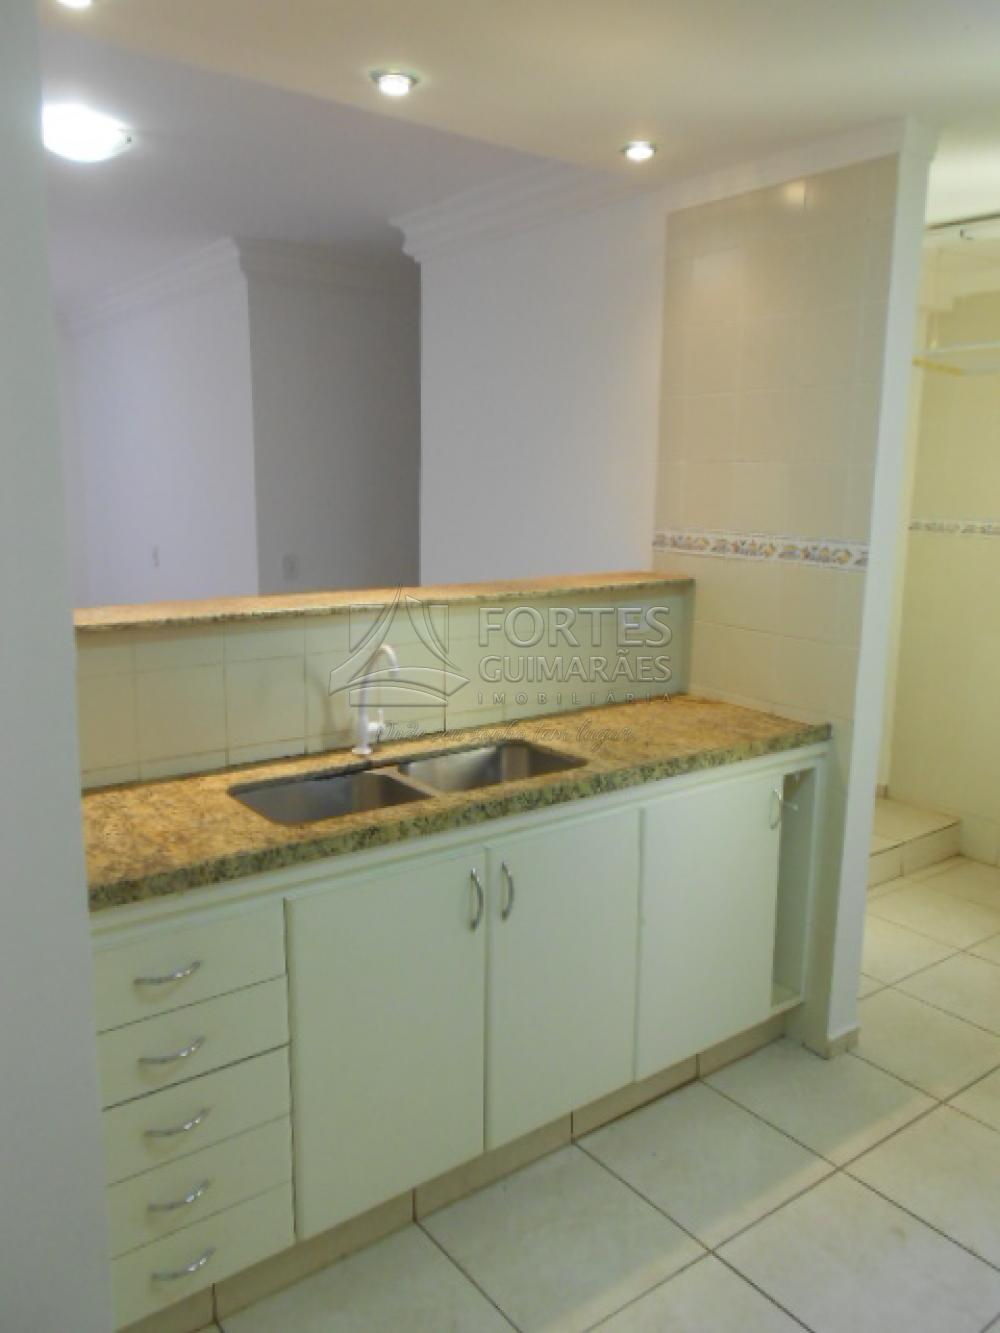 Alugar Apartamentos / Padrão em Ribeirão Preto apenas R$ 950,00 - Foto 31